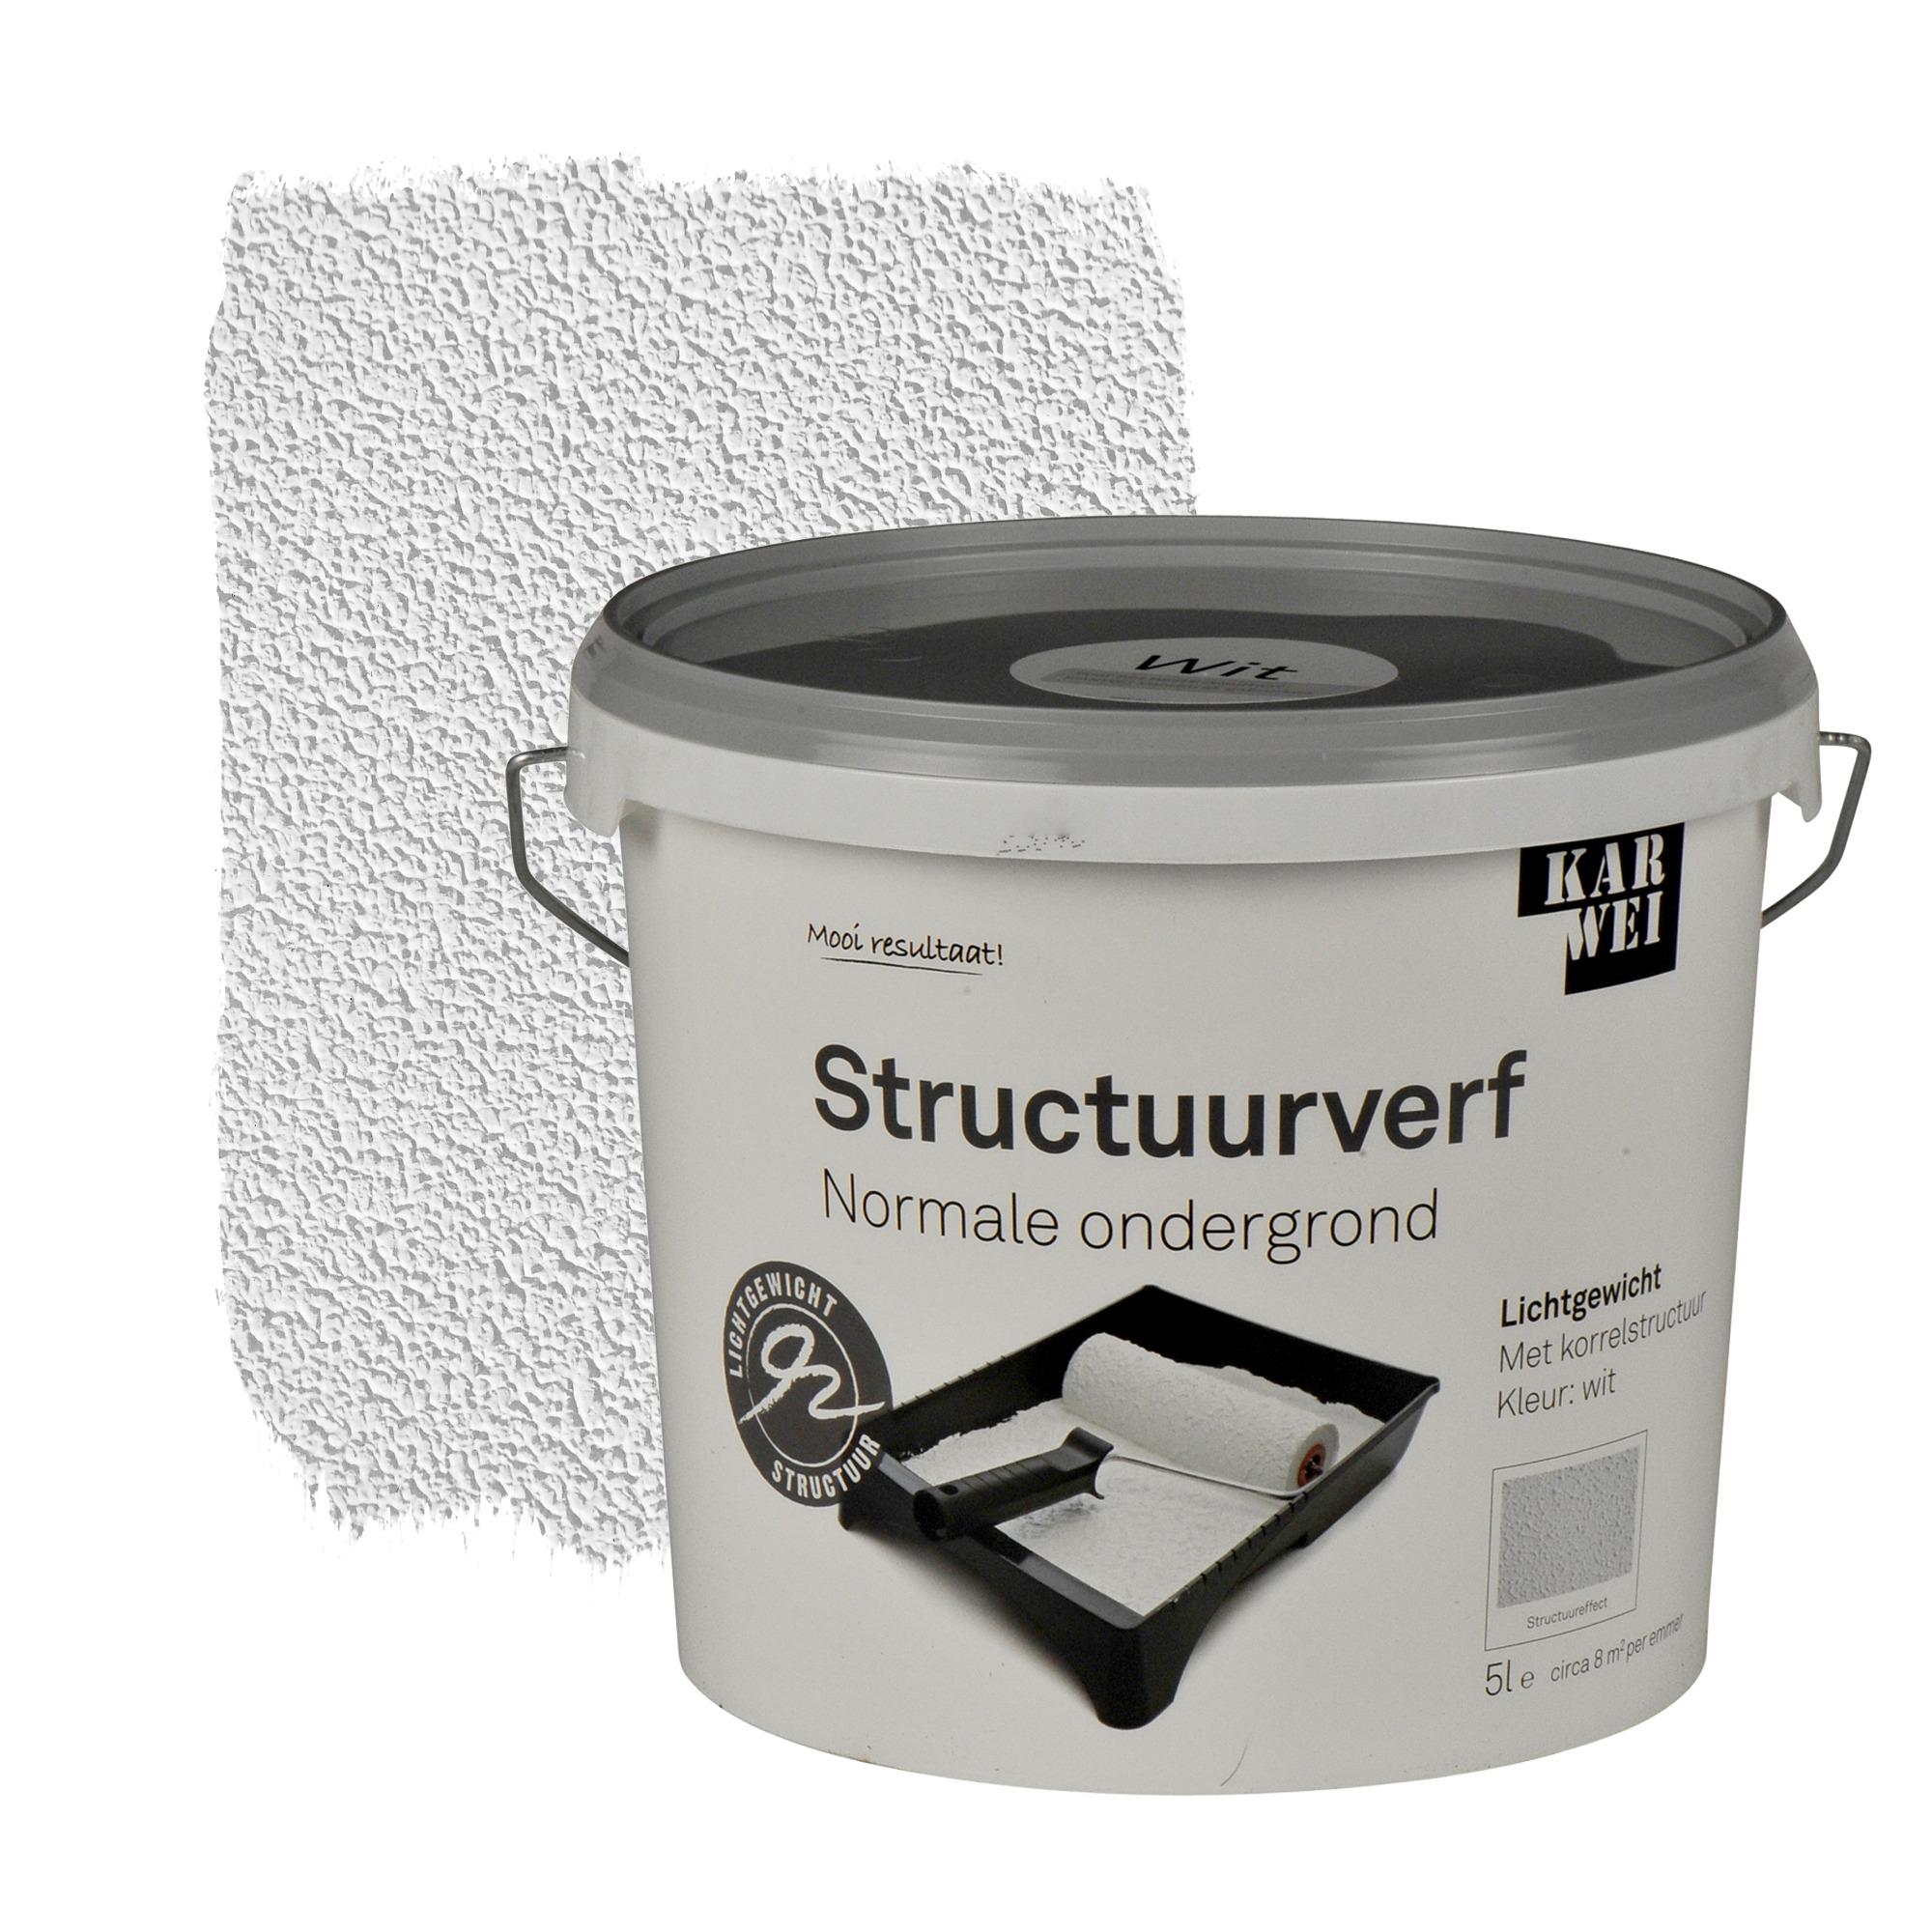 KARWEI muur- en plafond structuurverf mat wit 5 l